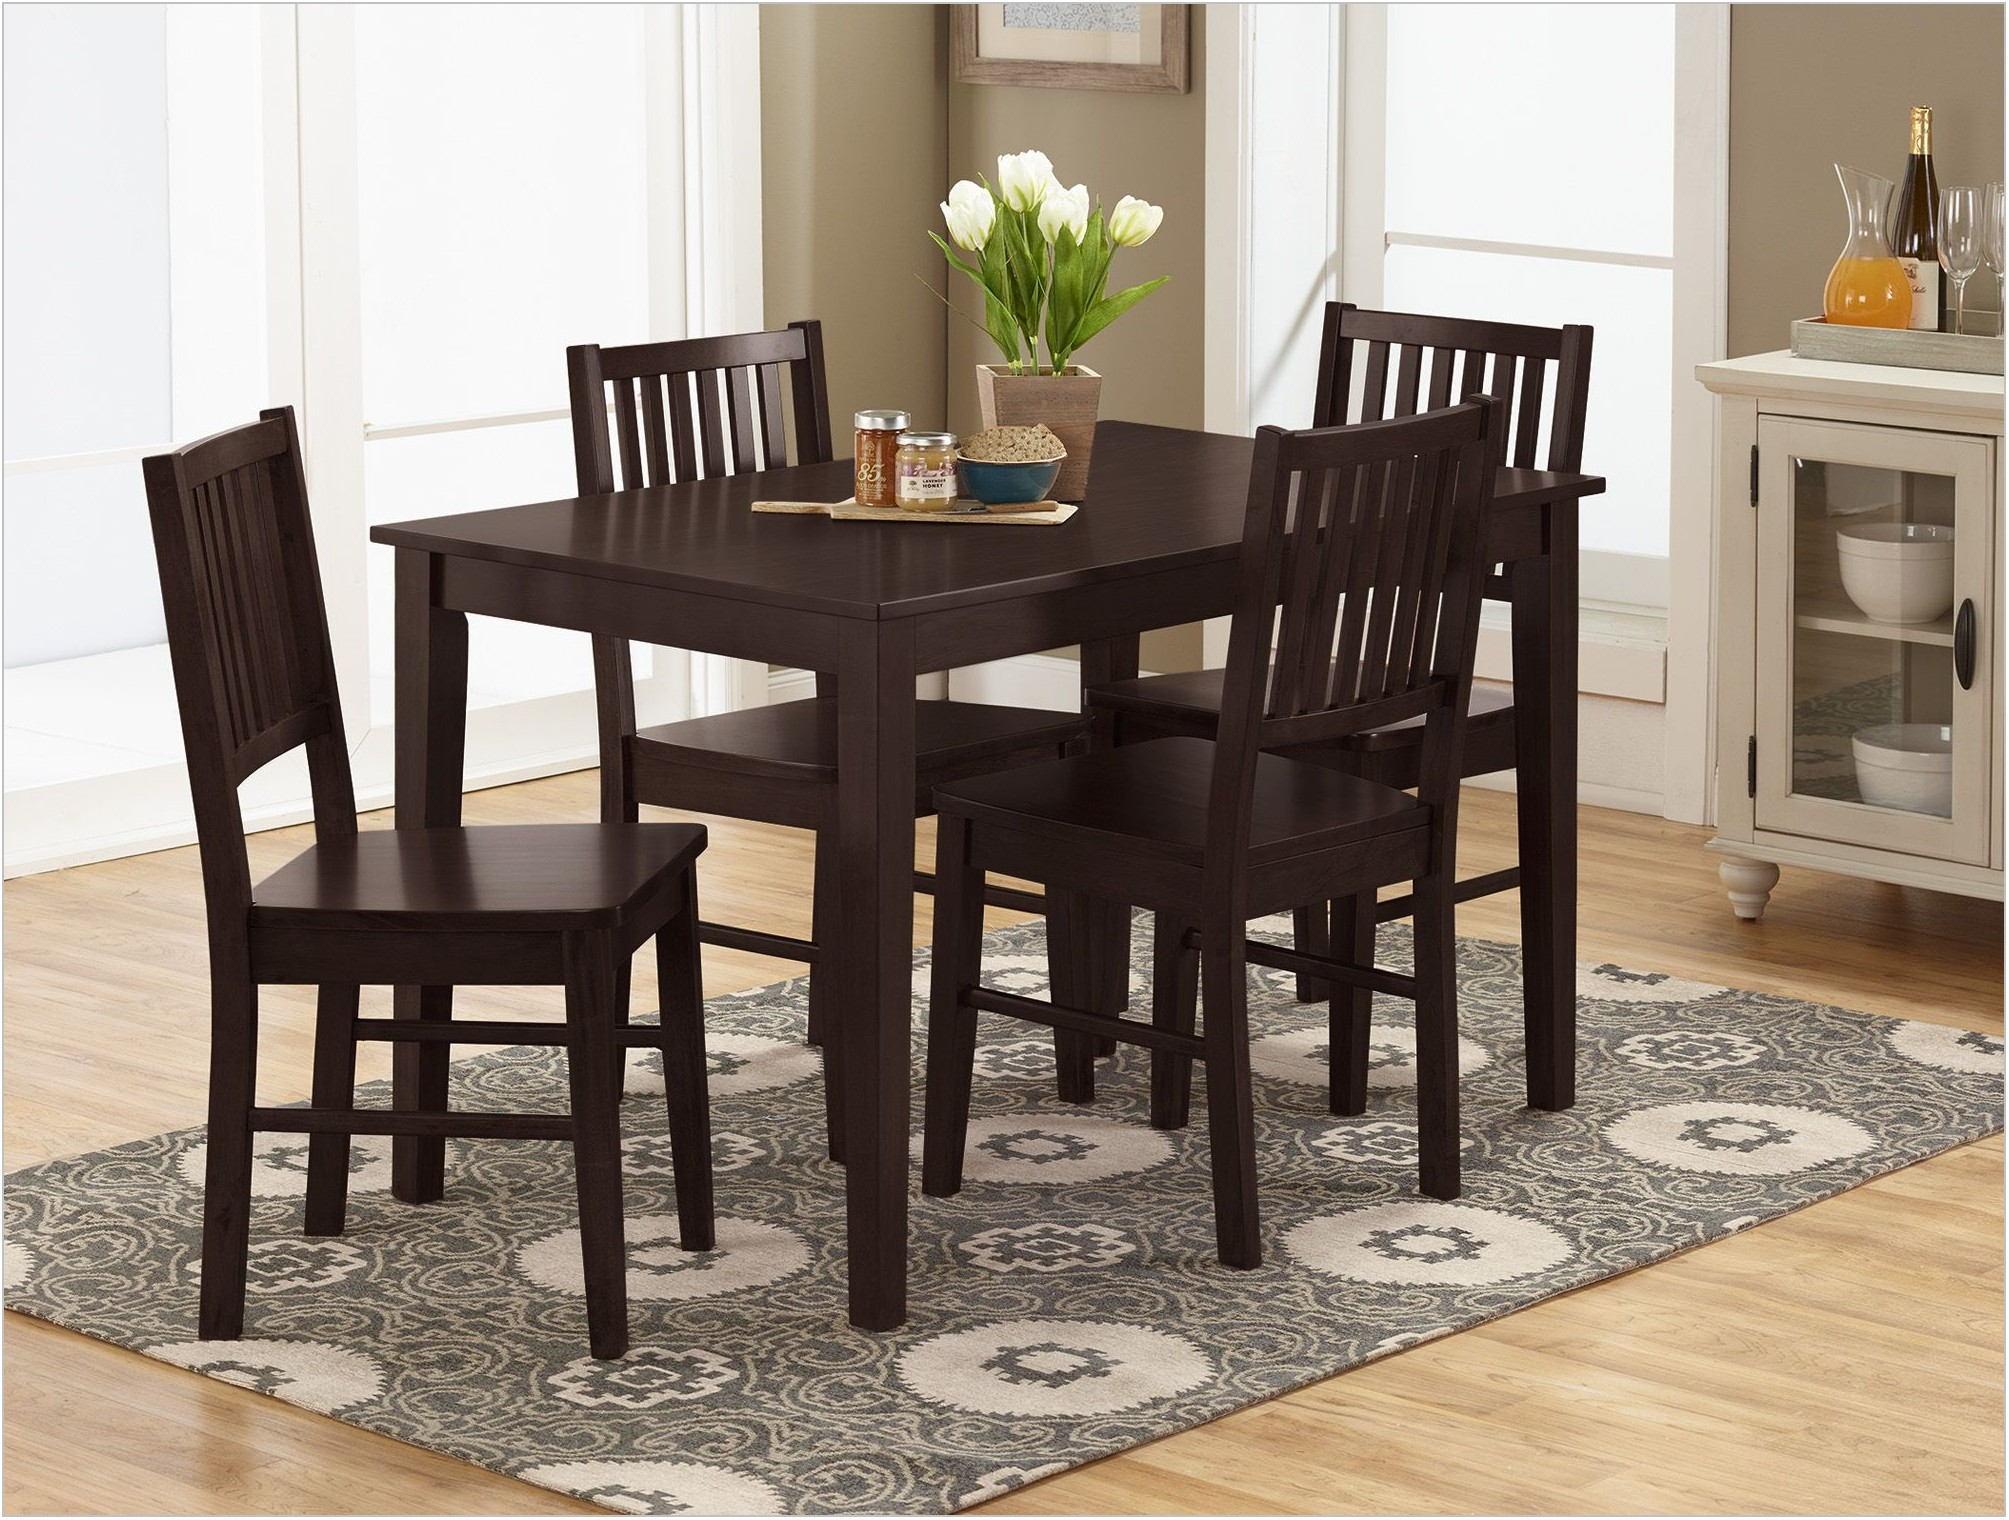 Fingerhut Dining Room Sets